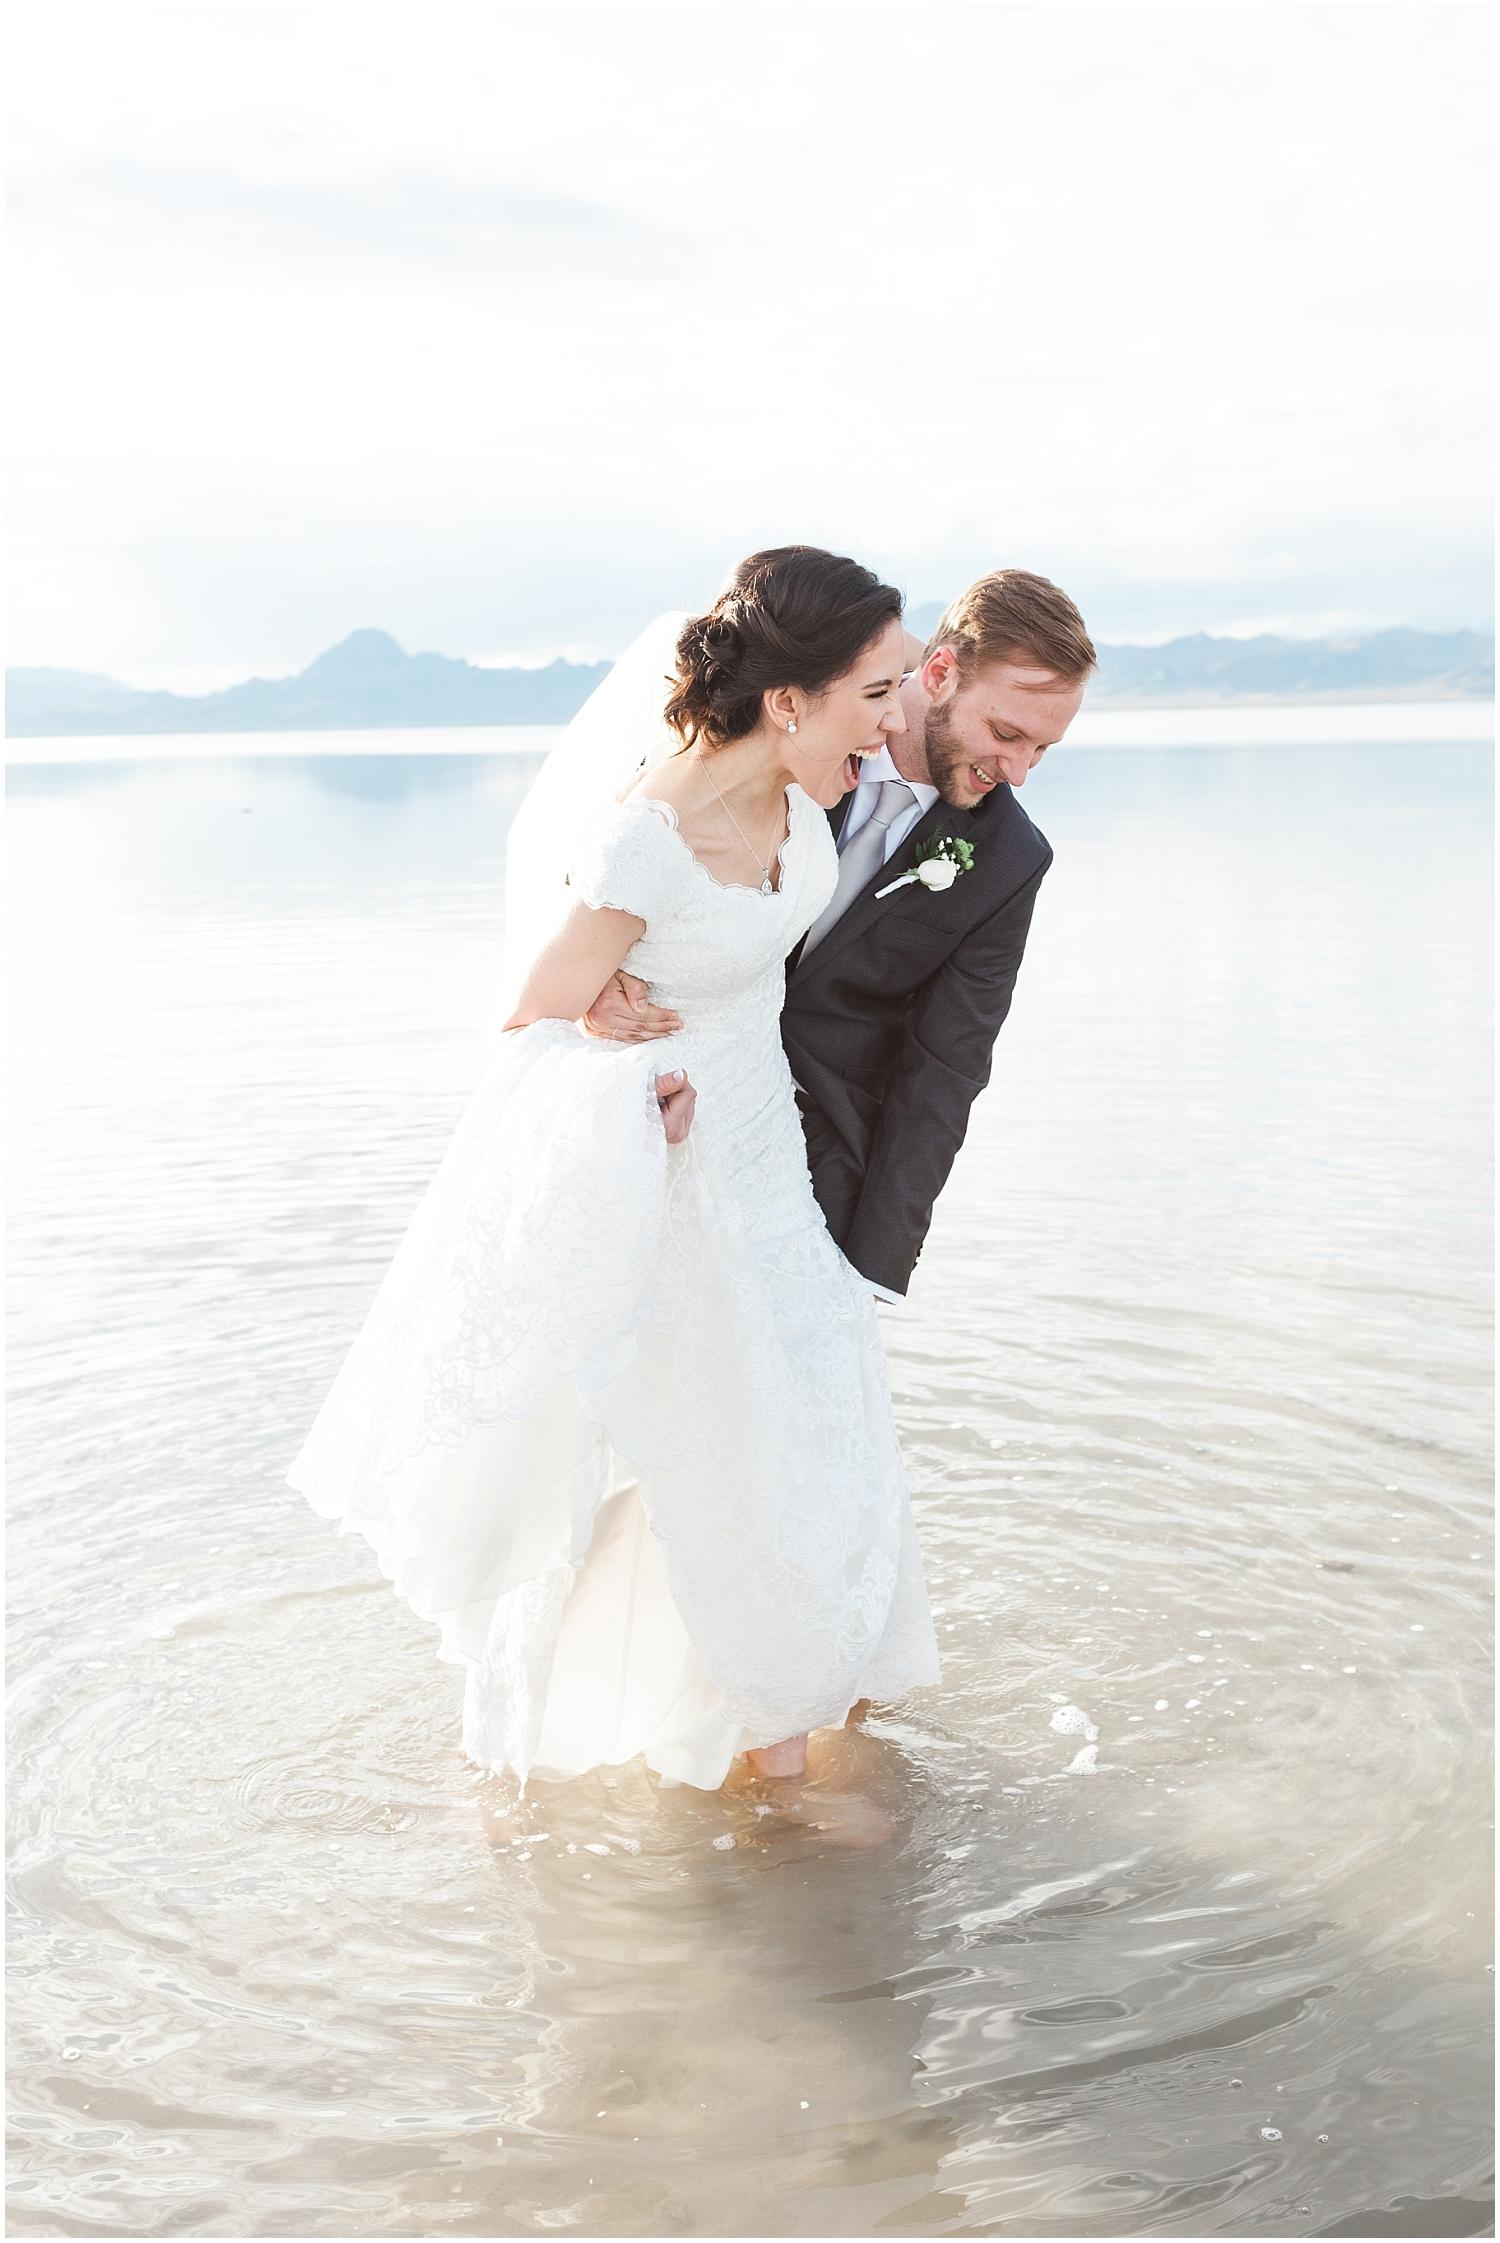 Bonneville Salt Flats Bridals-Ryan & Rachael-Rachel Reyes Photography_0140.jpg